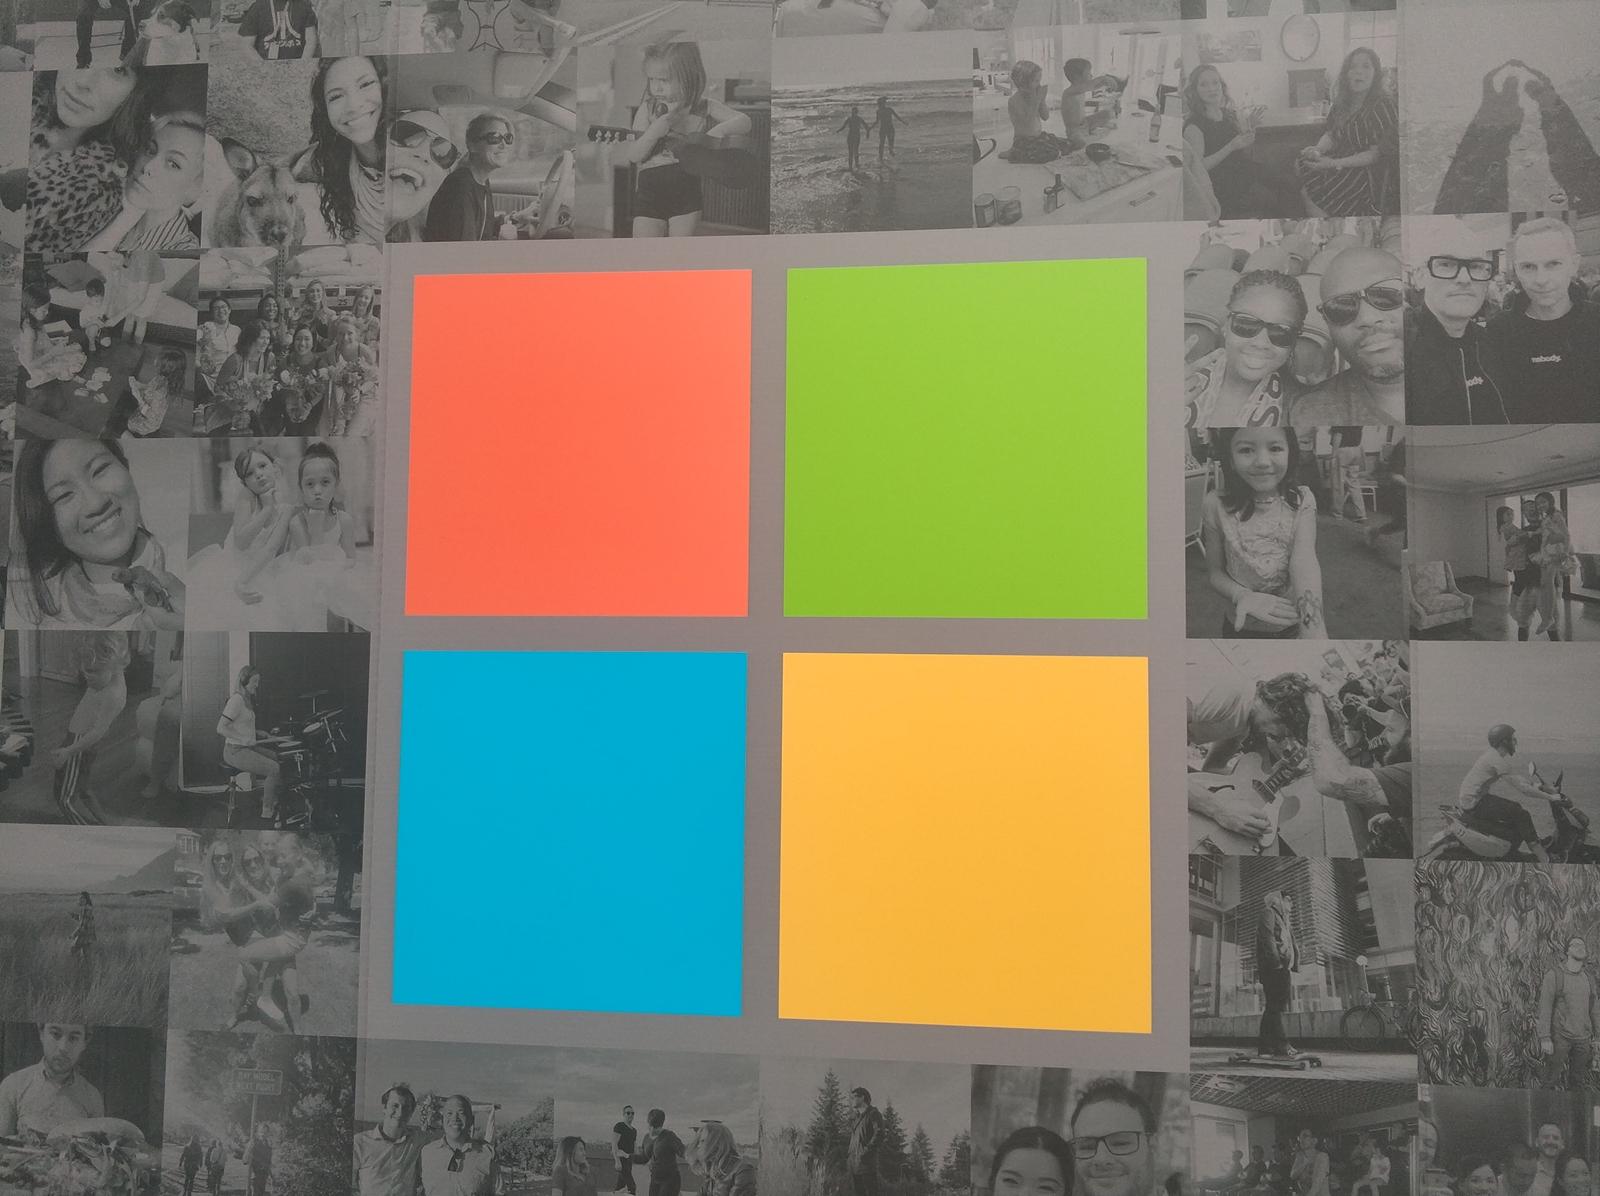 必应搜索被曝包含儿童色情内容 微软表示将努力修复